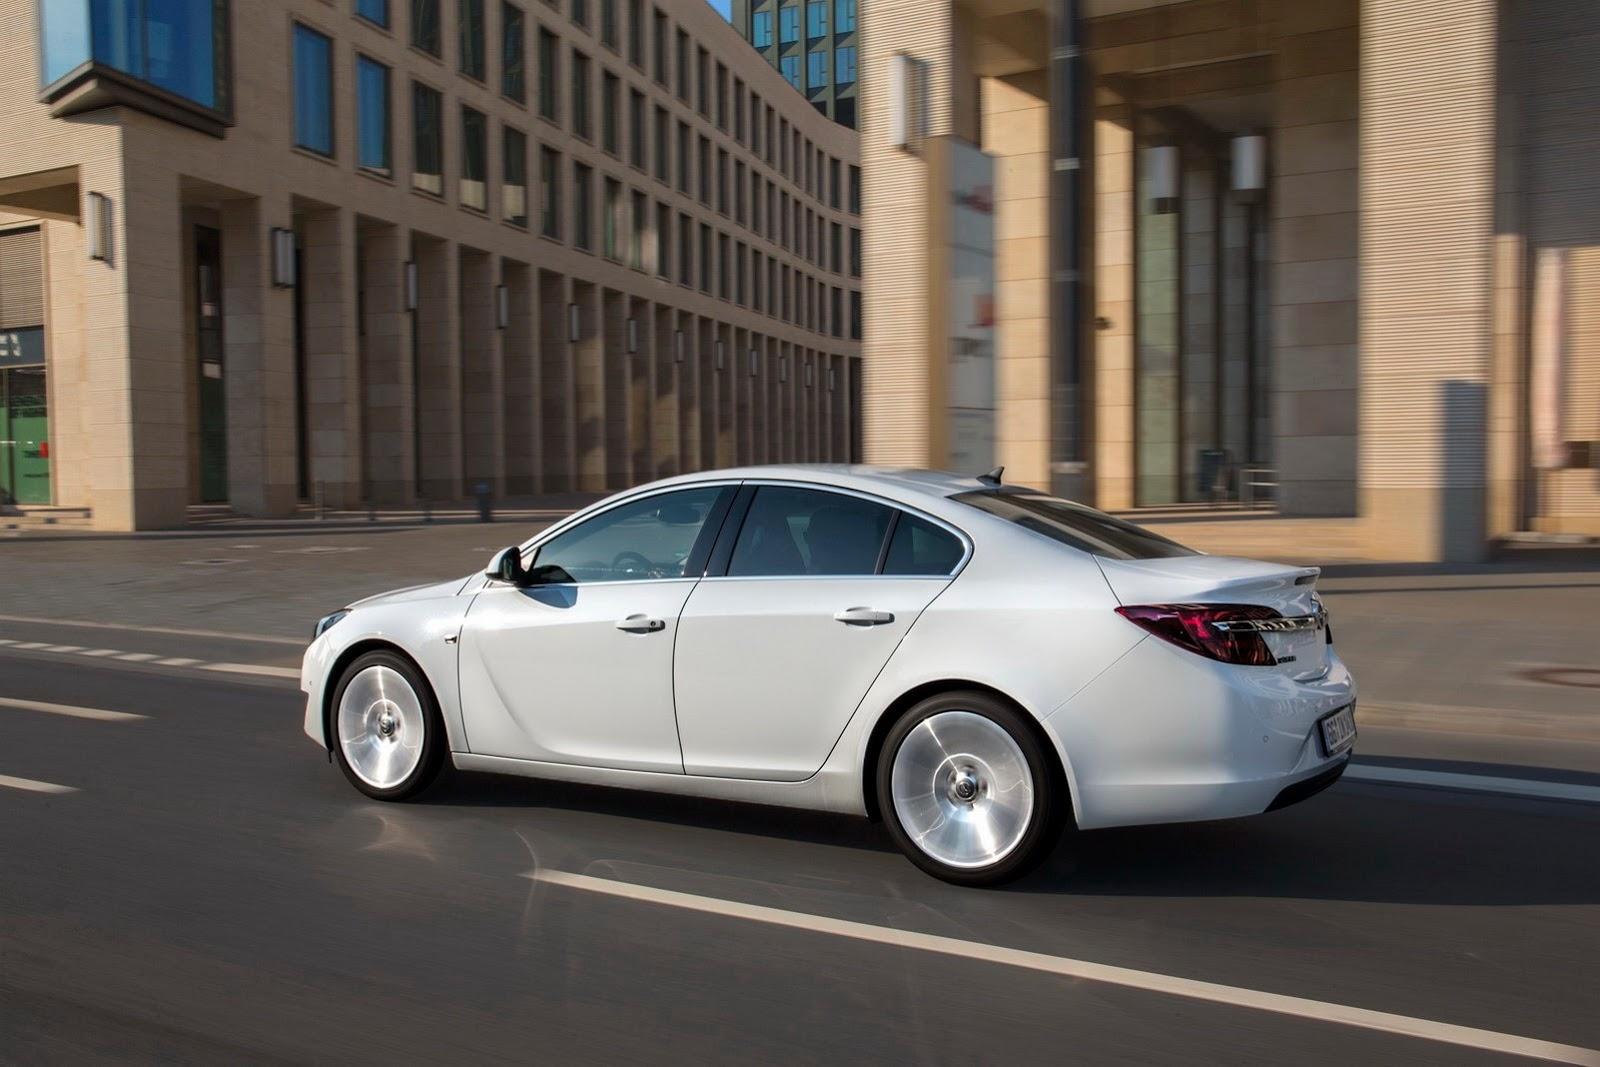 Opel-Insignia-FL-19%25255B2%25255D.jpg